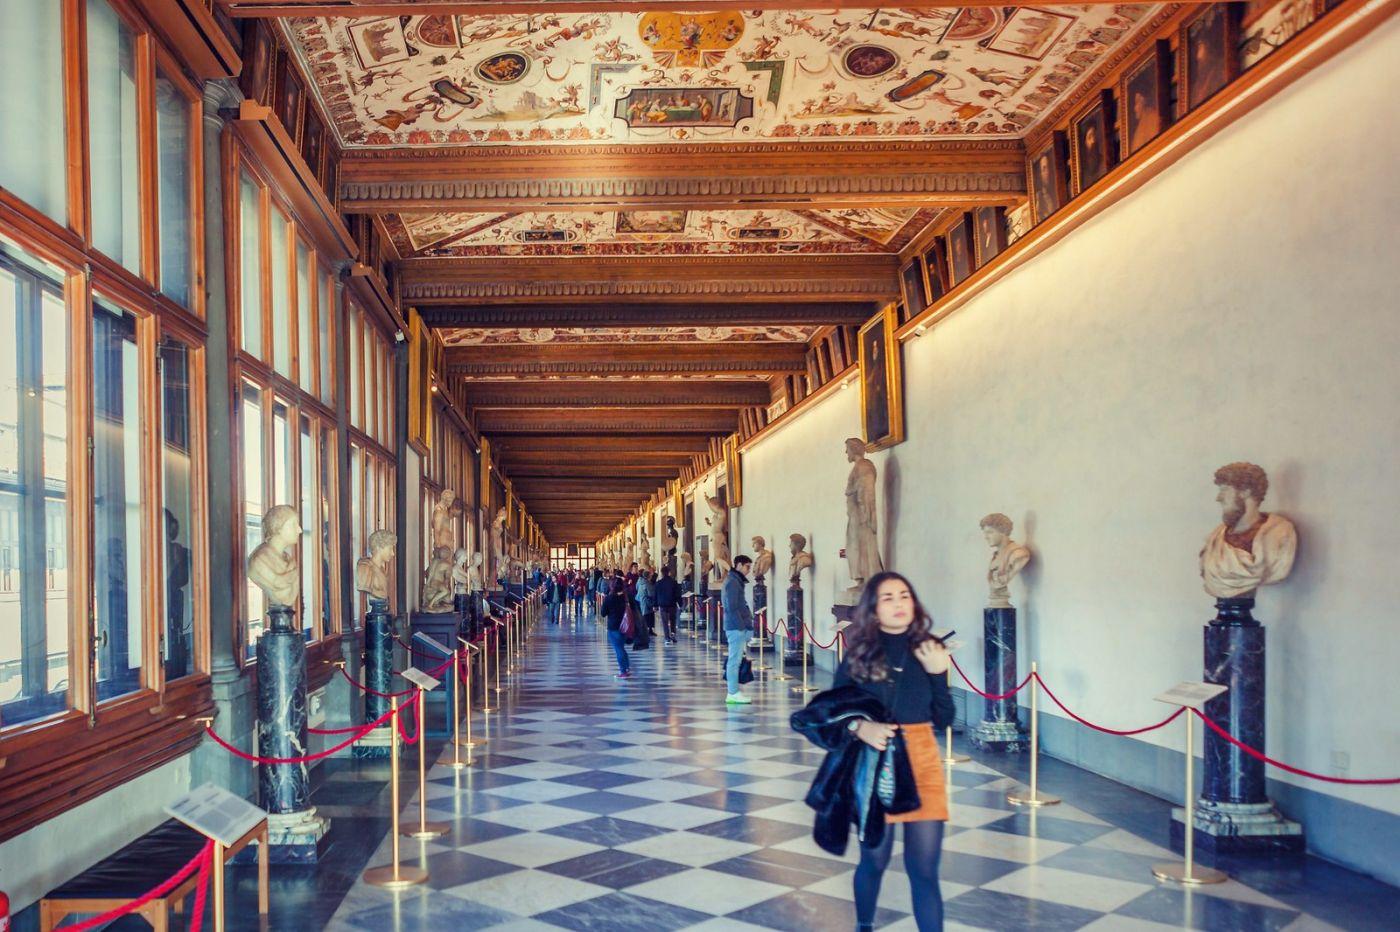 意大利佛罗伦斯乌菲兹美术馆, 进去看一看_图1-9